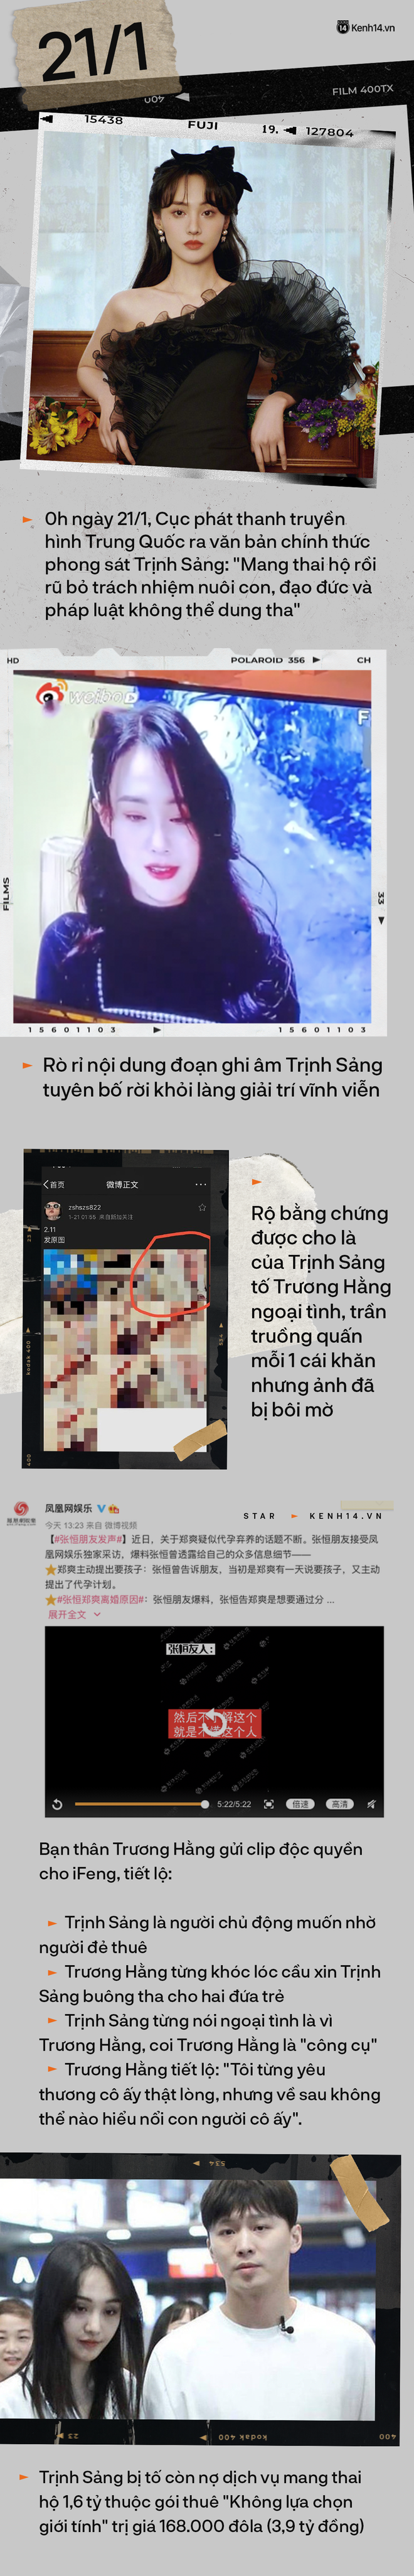 Toàn cảnh scandal khiến Trịnh Sảng thân bại danh liệt: Thuê người mang thai, ruồng bỏ con cái, Lee Jong Suk cũng bị réo tên - Ảnh 5.